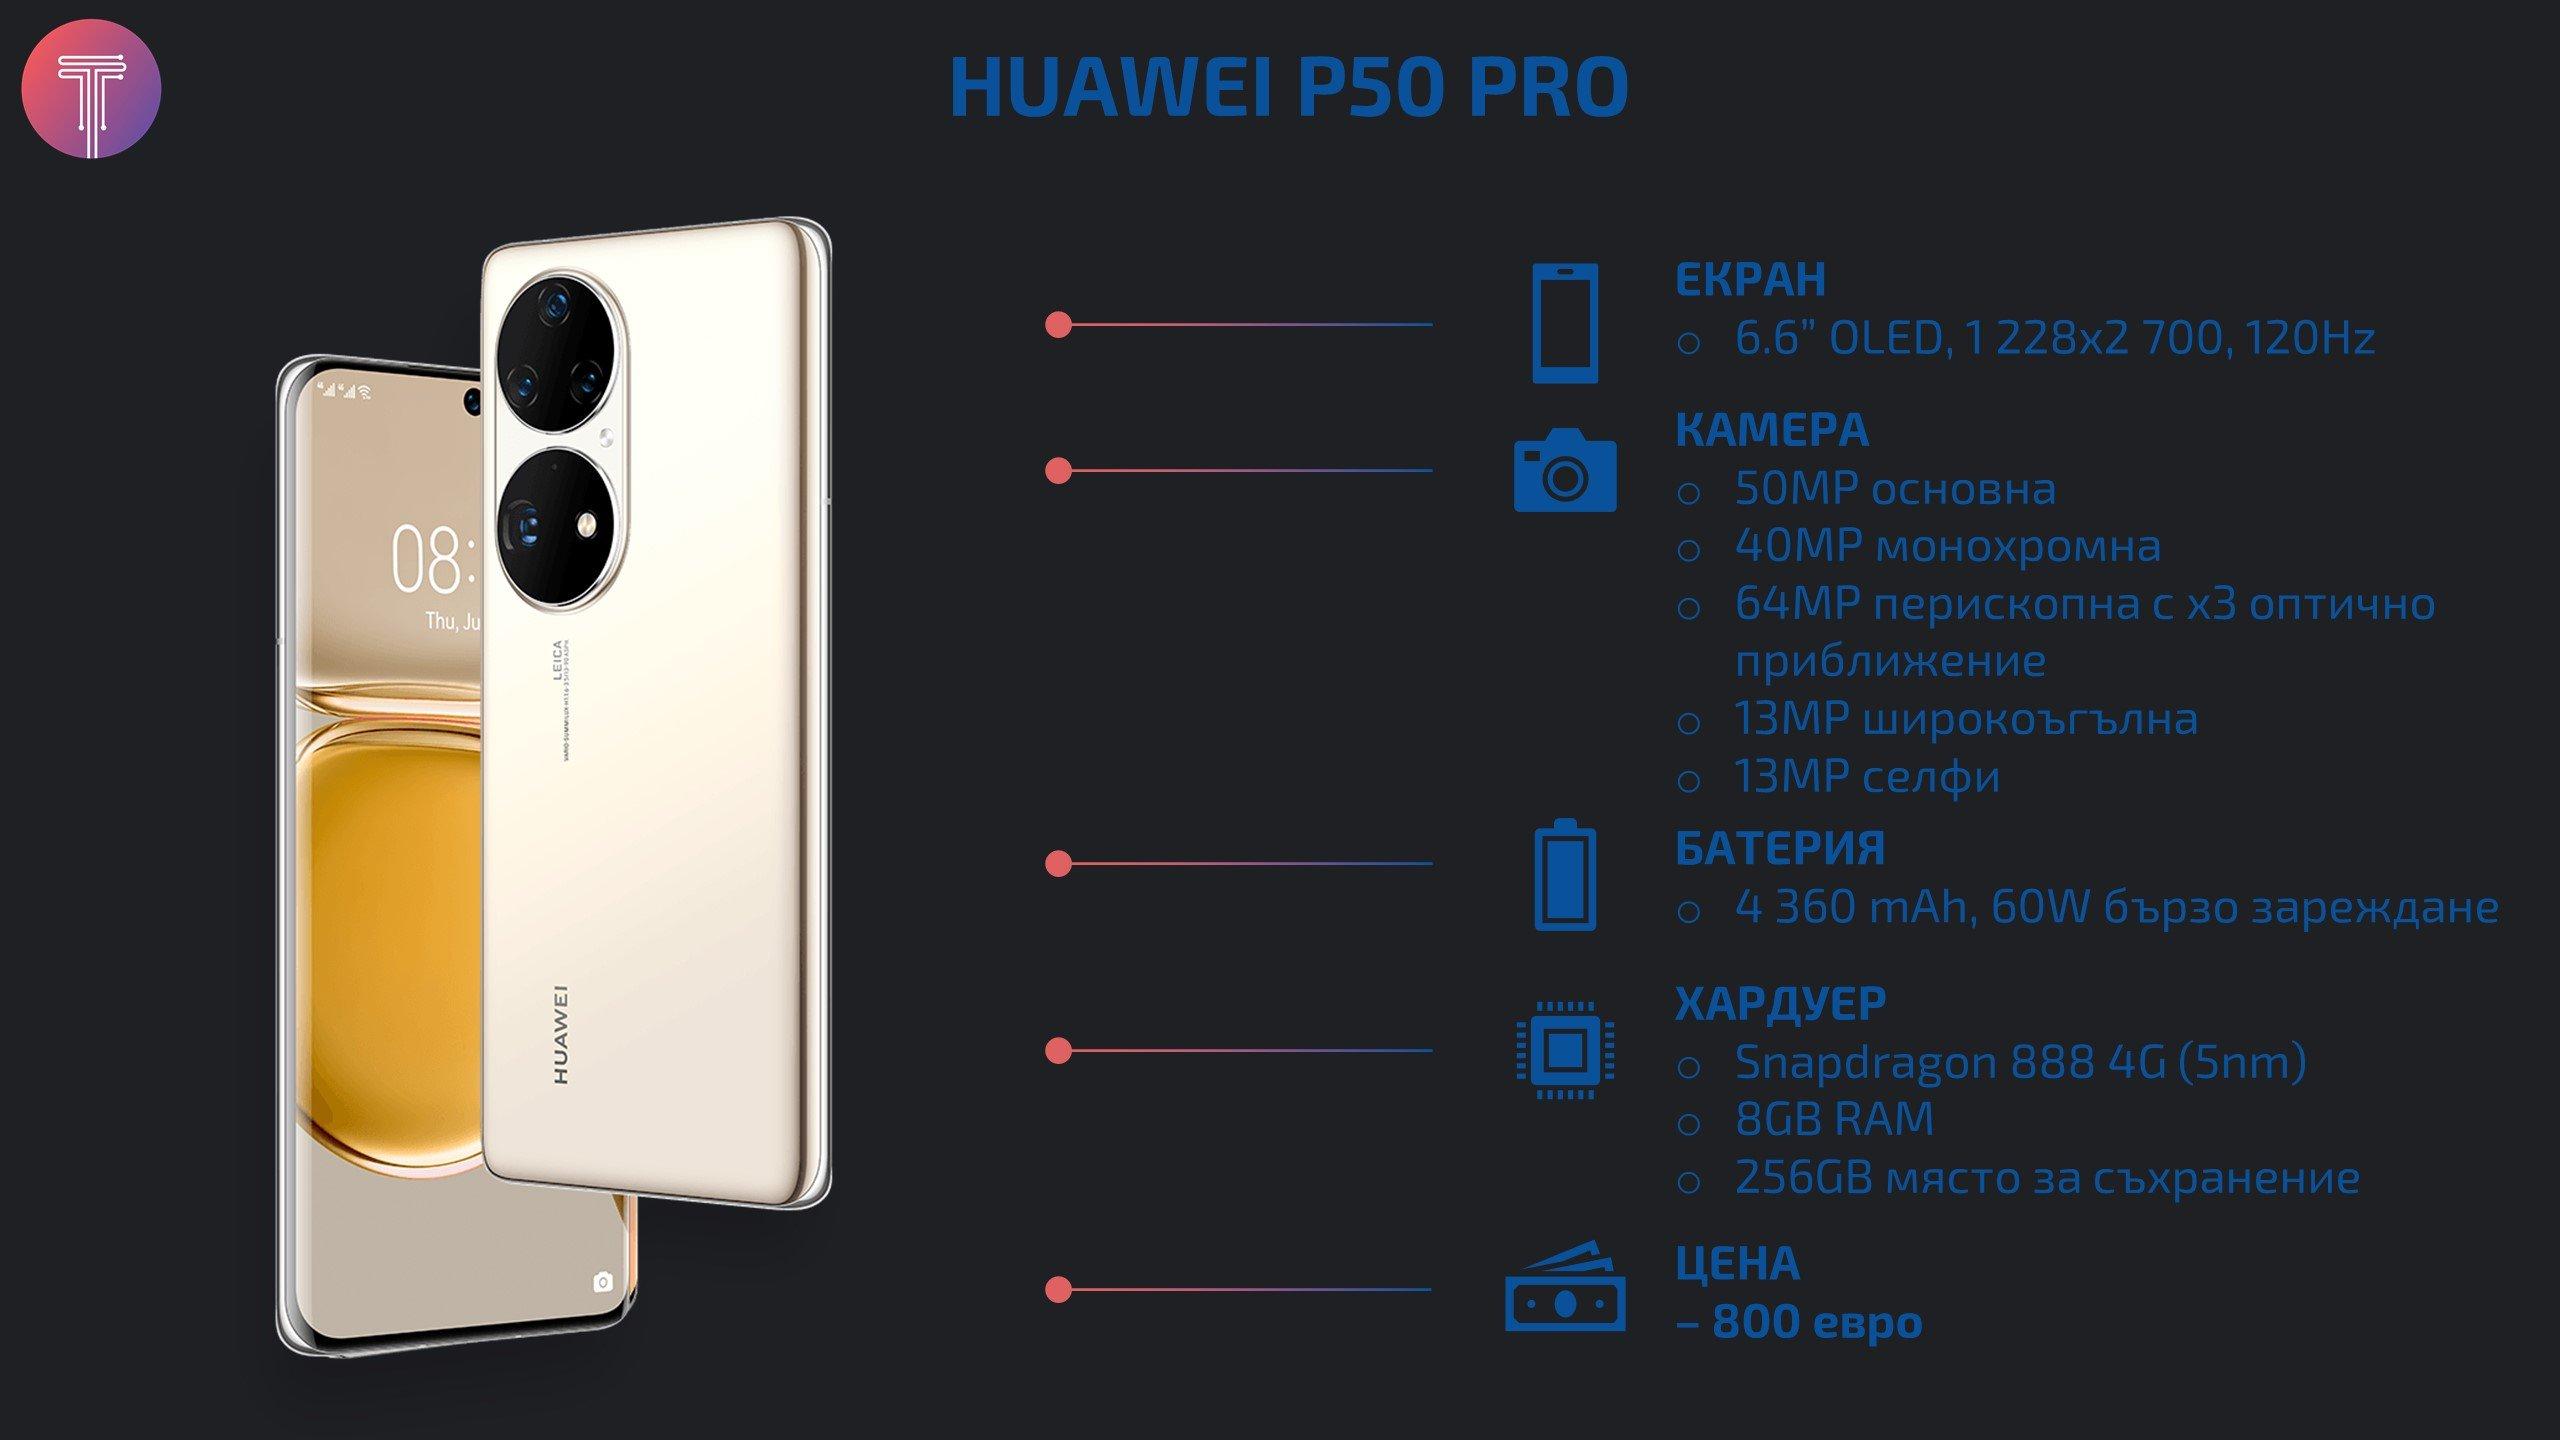 Huawei-P50-Pro-Specs